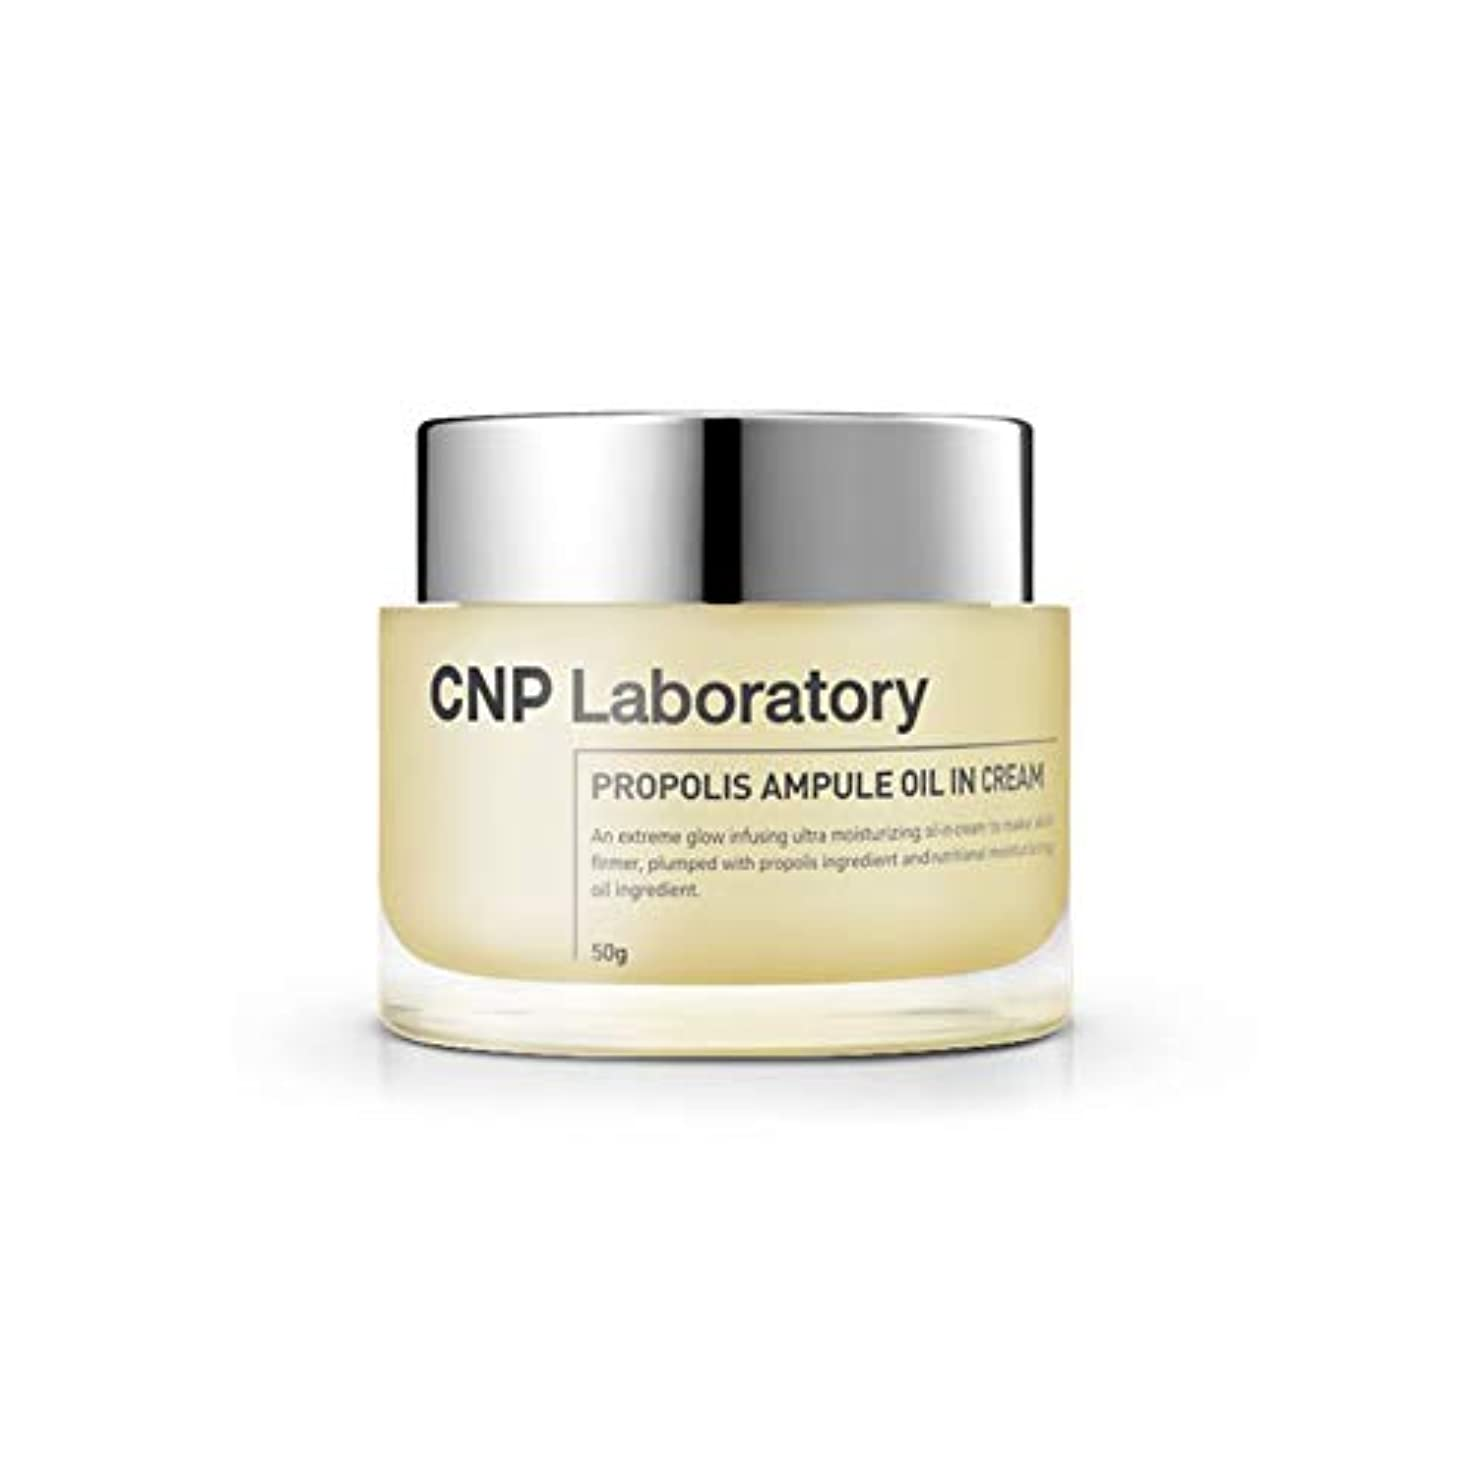 関係コピータイプライター[CNP Laboratory] CNP チャ&パク プロポリスアンプルオイルインクリーム 50g [海外直送品][並行輸入品]